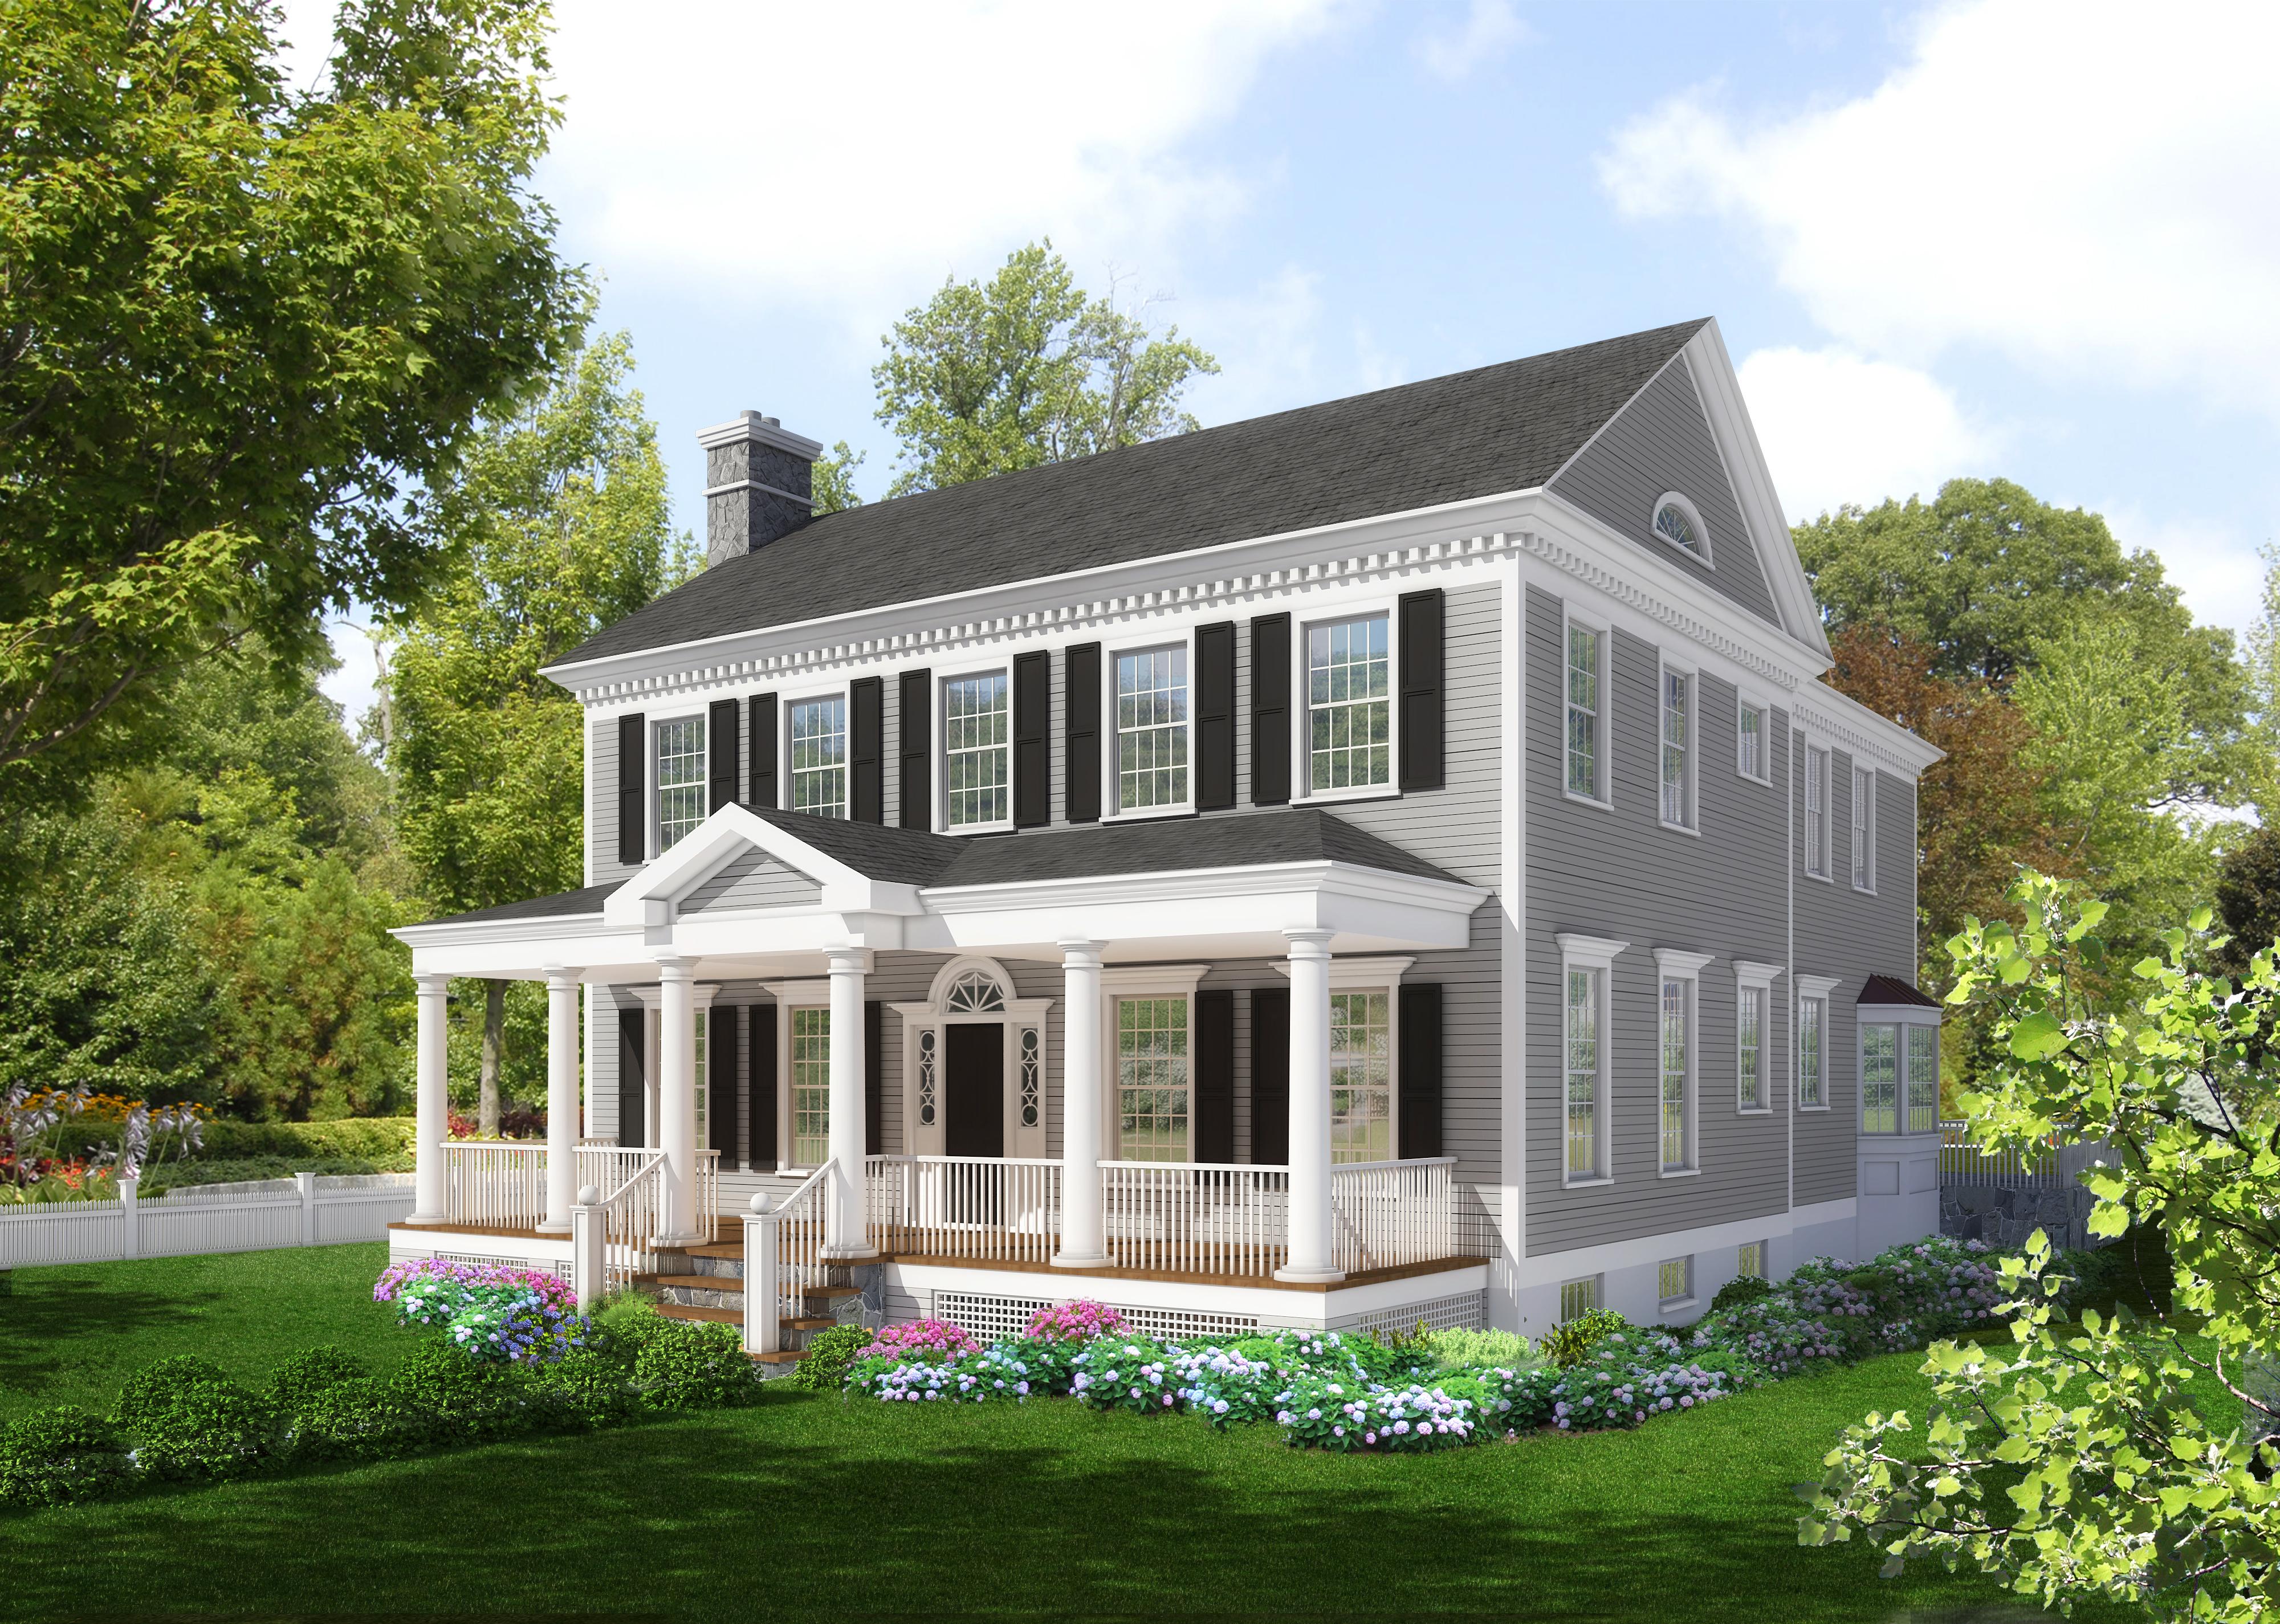 独户住宅 为 销售 在 306 Milton Road 拉伊, 纽约州, 10580 美国